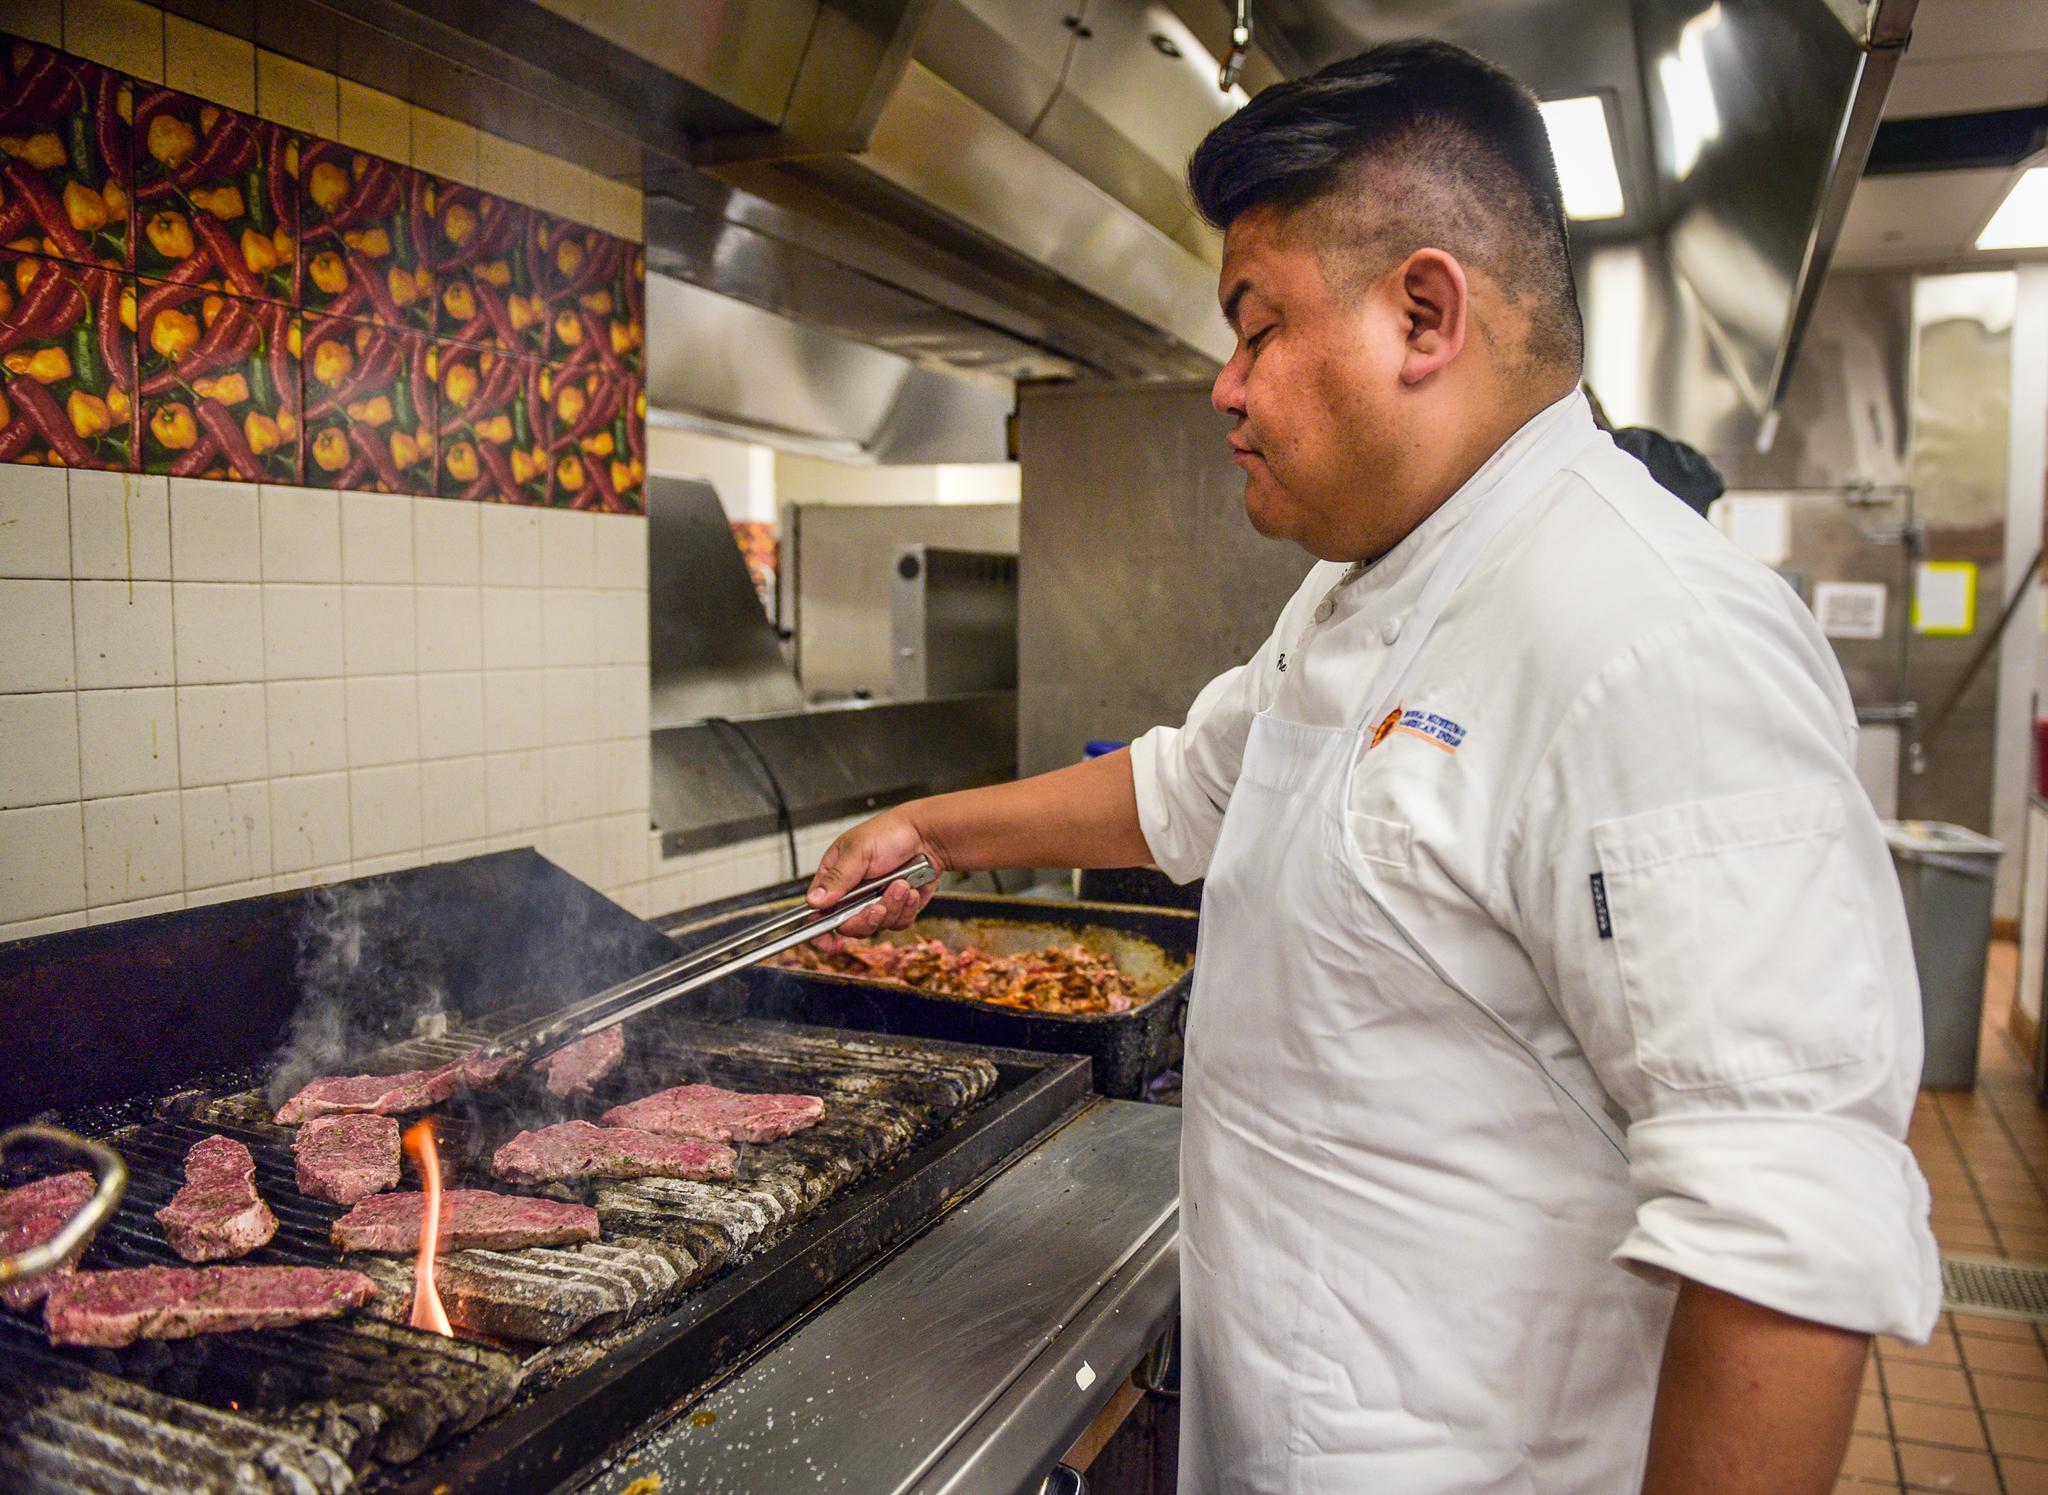 Hombre manipulando un pedazo de carne en una plancha grande con largas tenazas (© Carol Guzy)